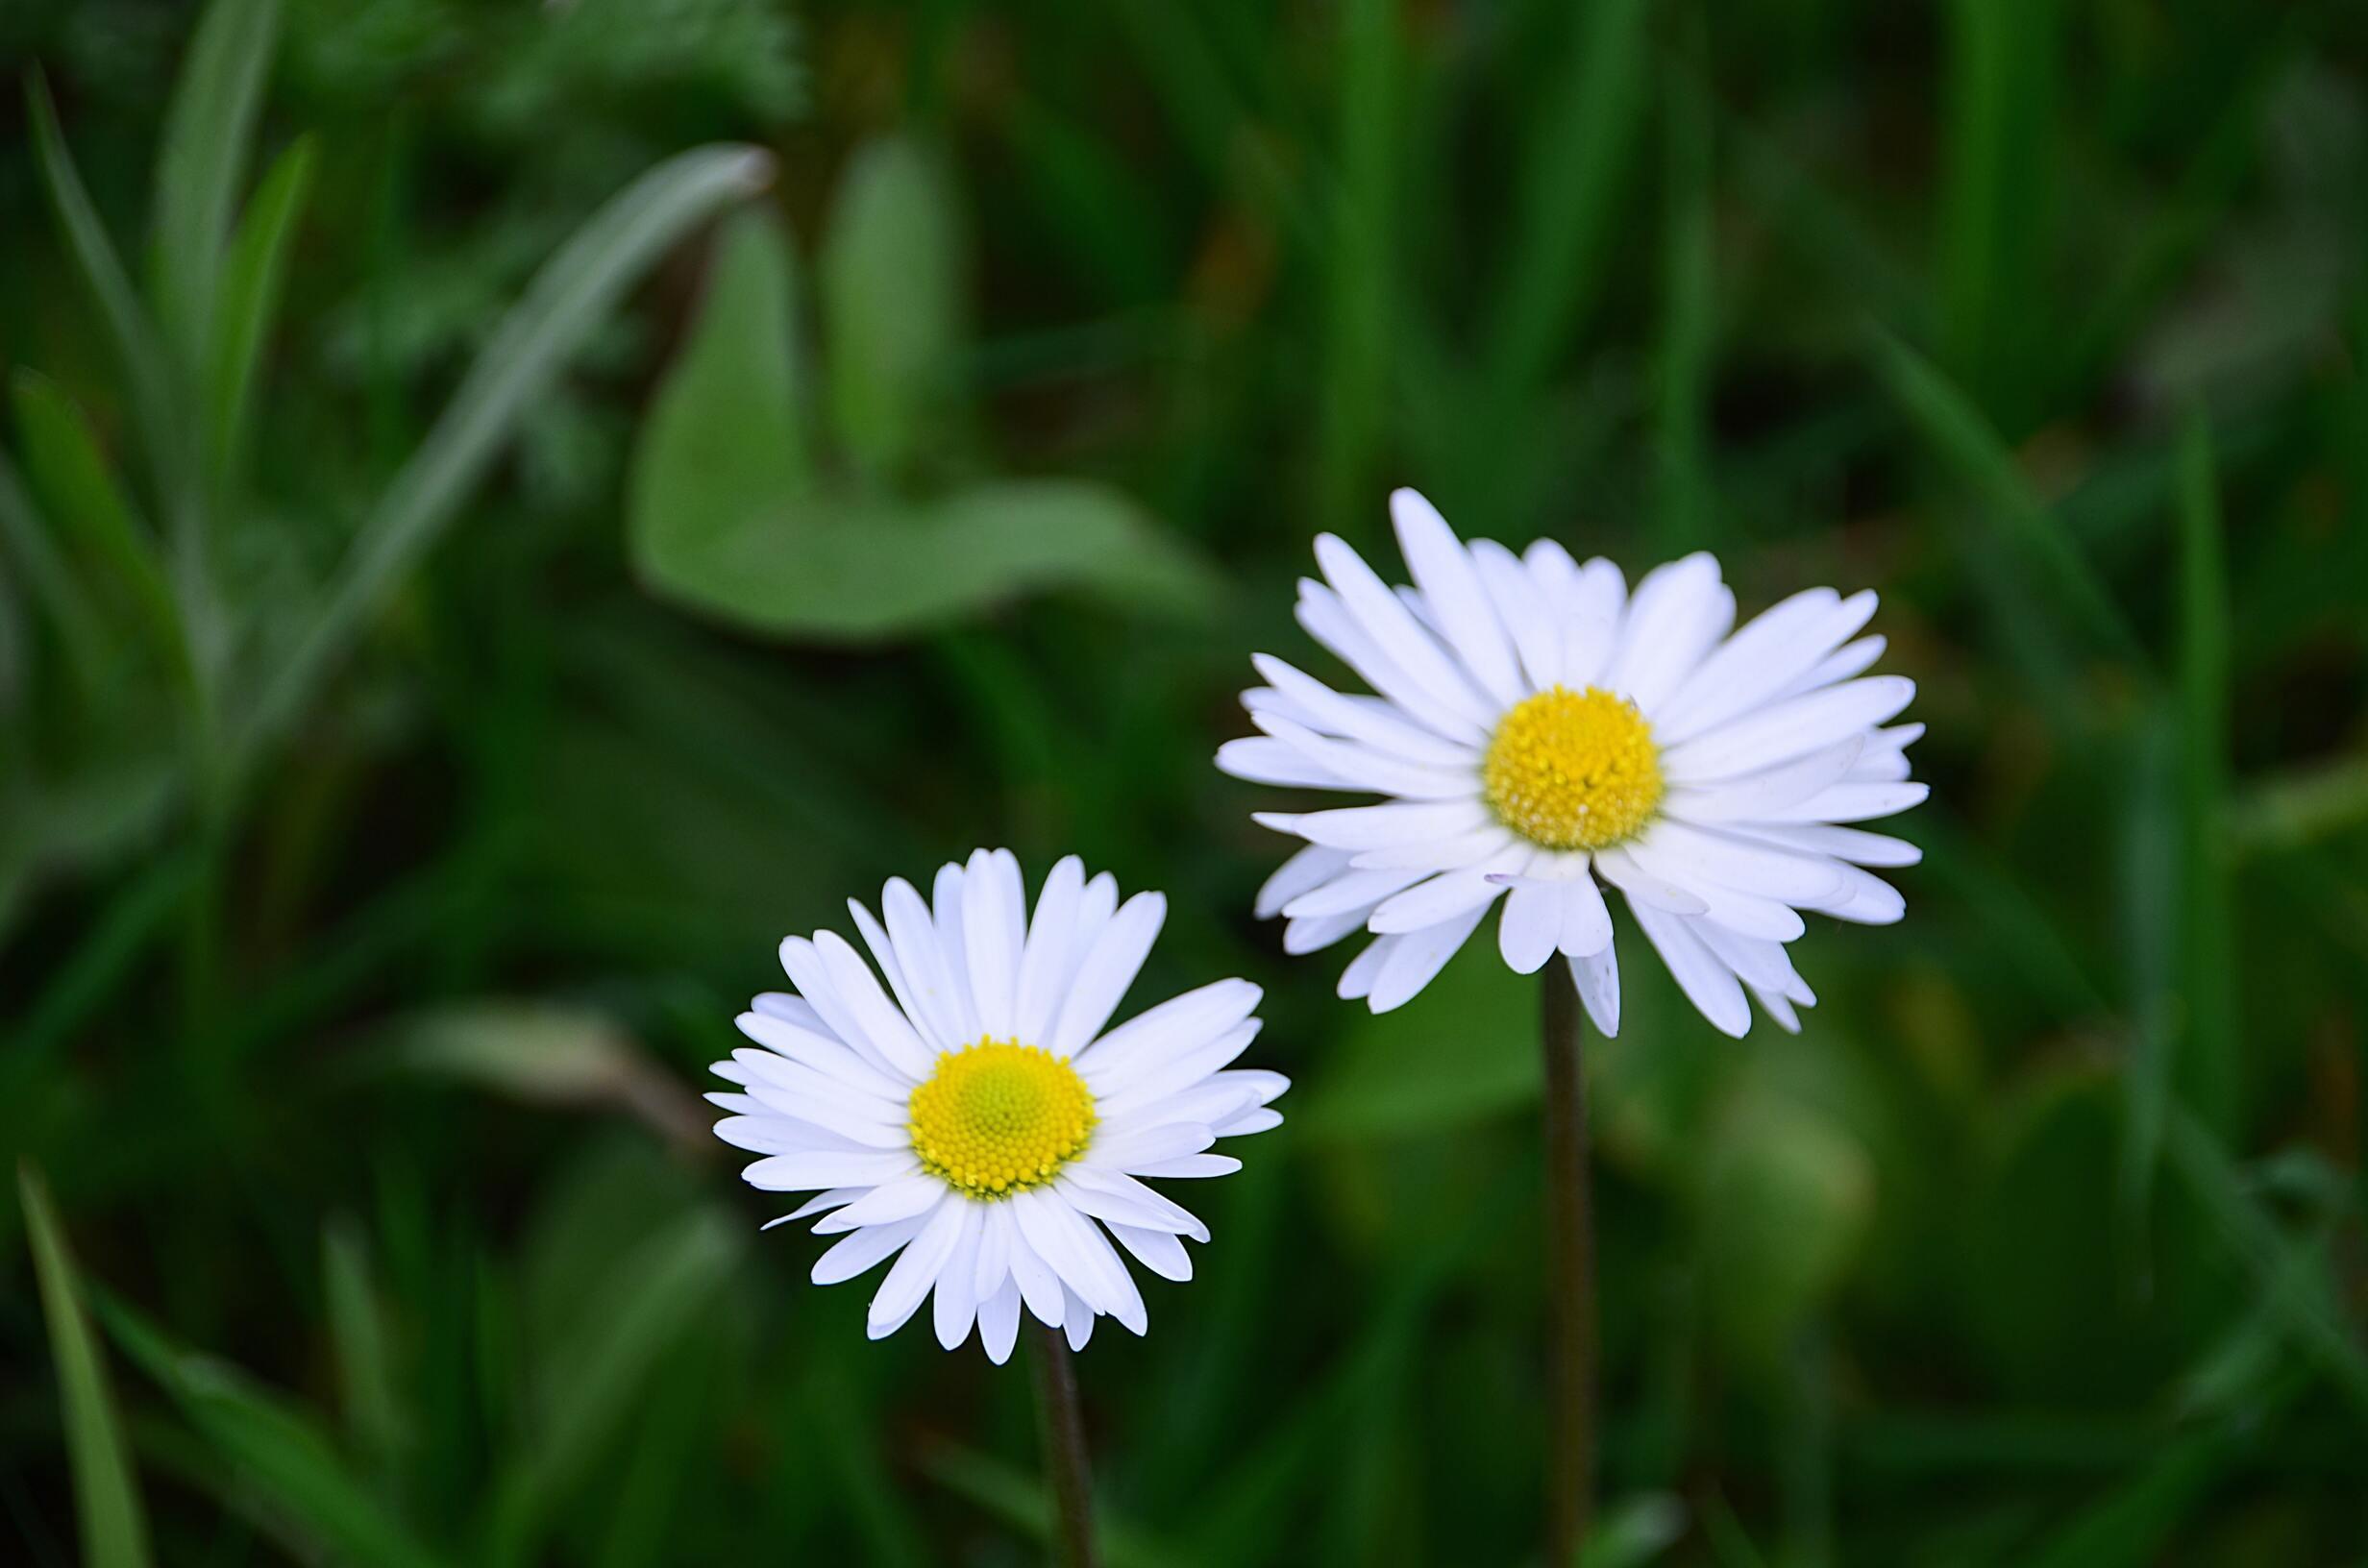 Hình ảnh hoa cúc dại nở cực đẹp